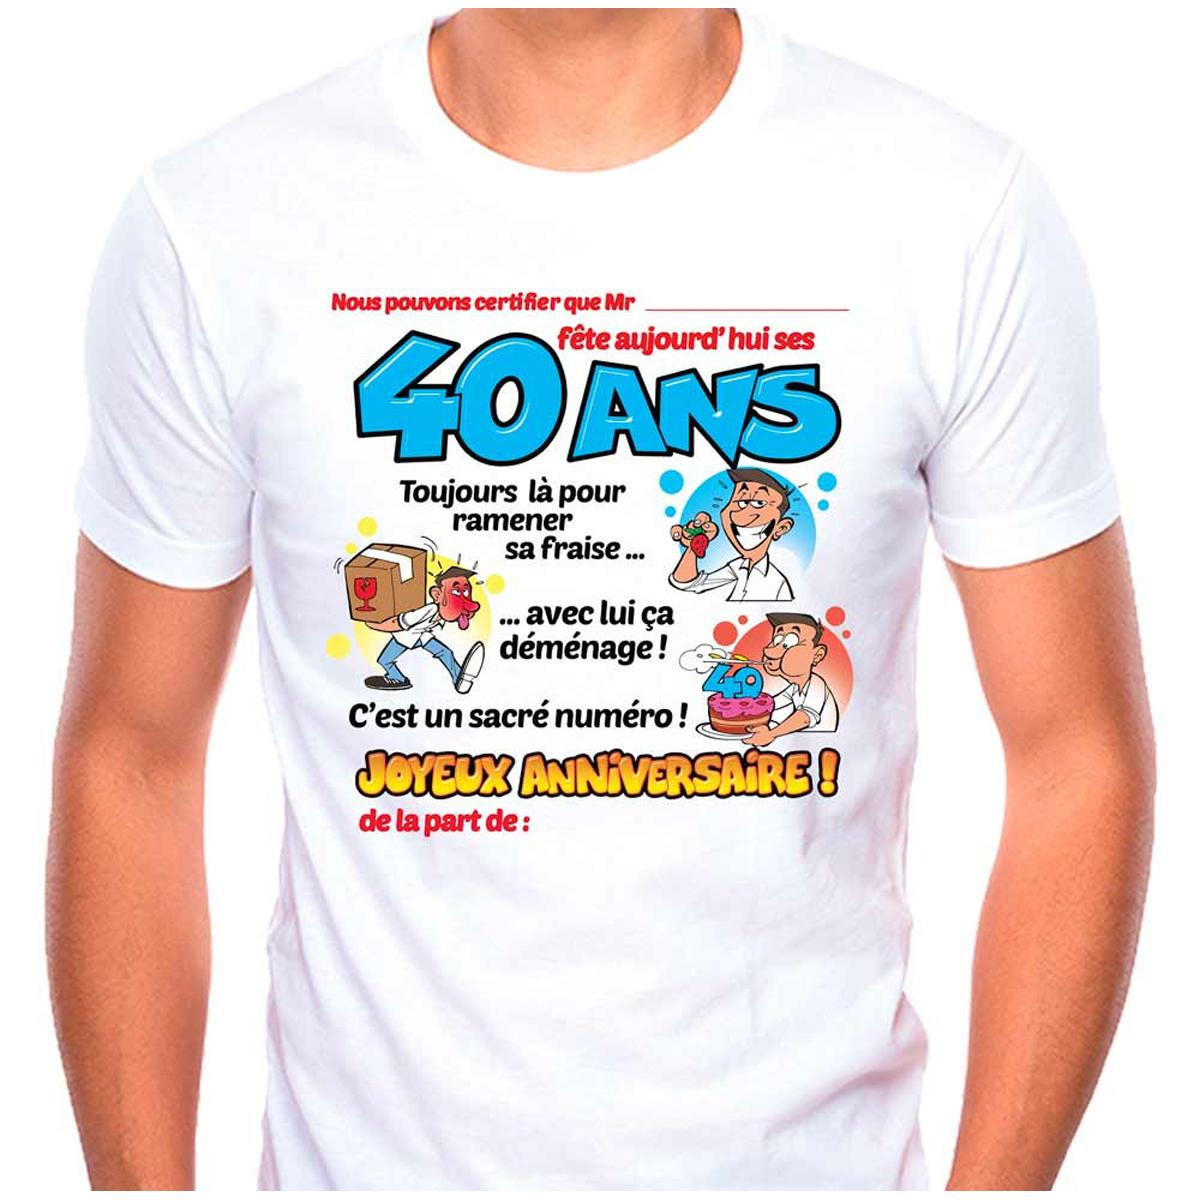 T-shirt coton \'40 ans\' bleu blanc - homme (dédicace) - [K5547]